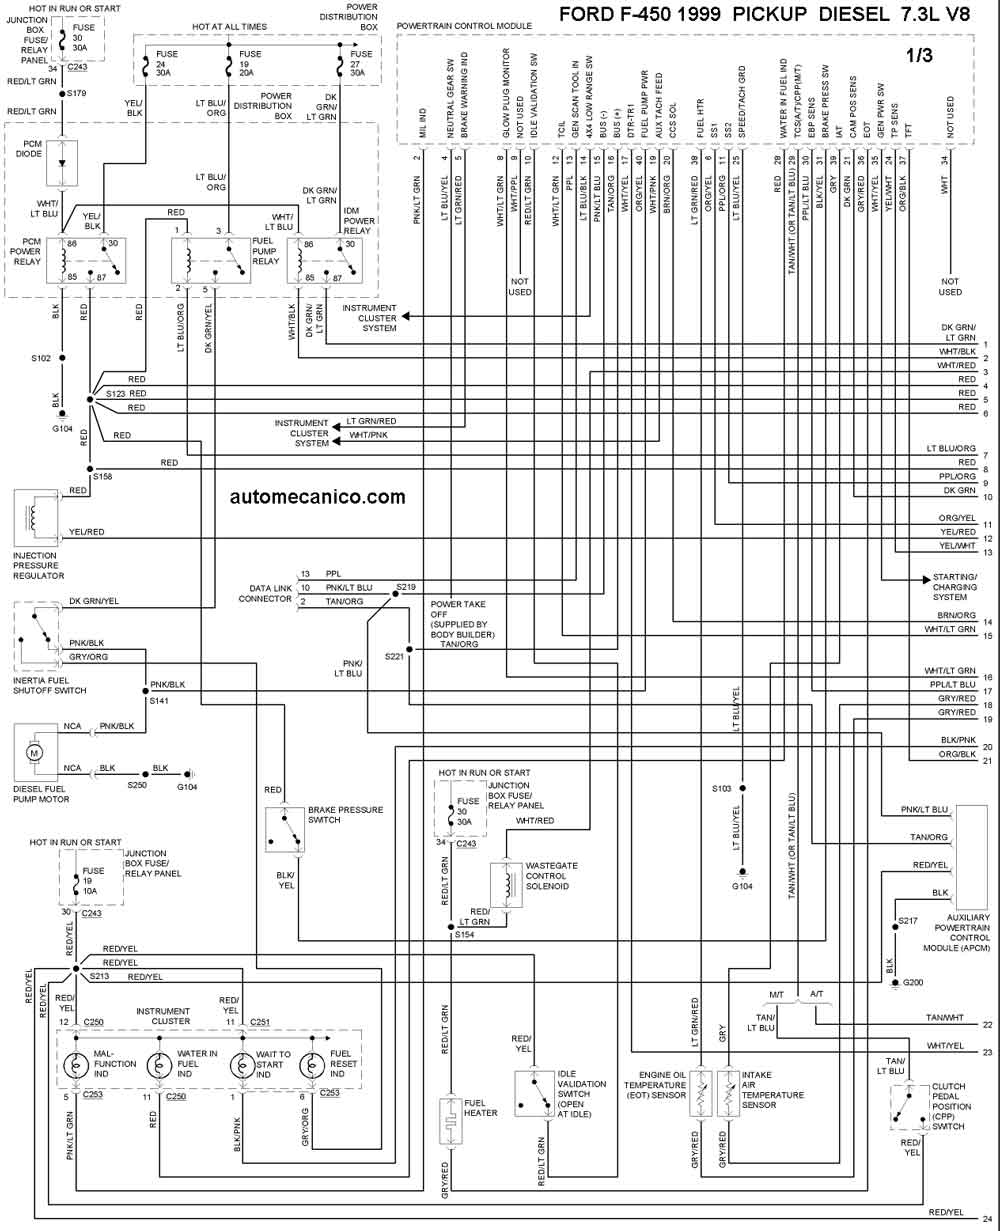 1994 ford f250 diagrama de cableado